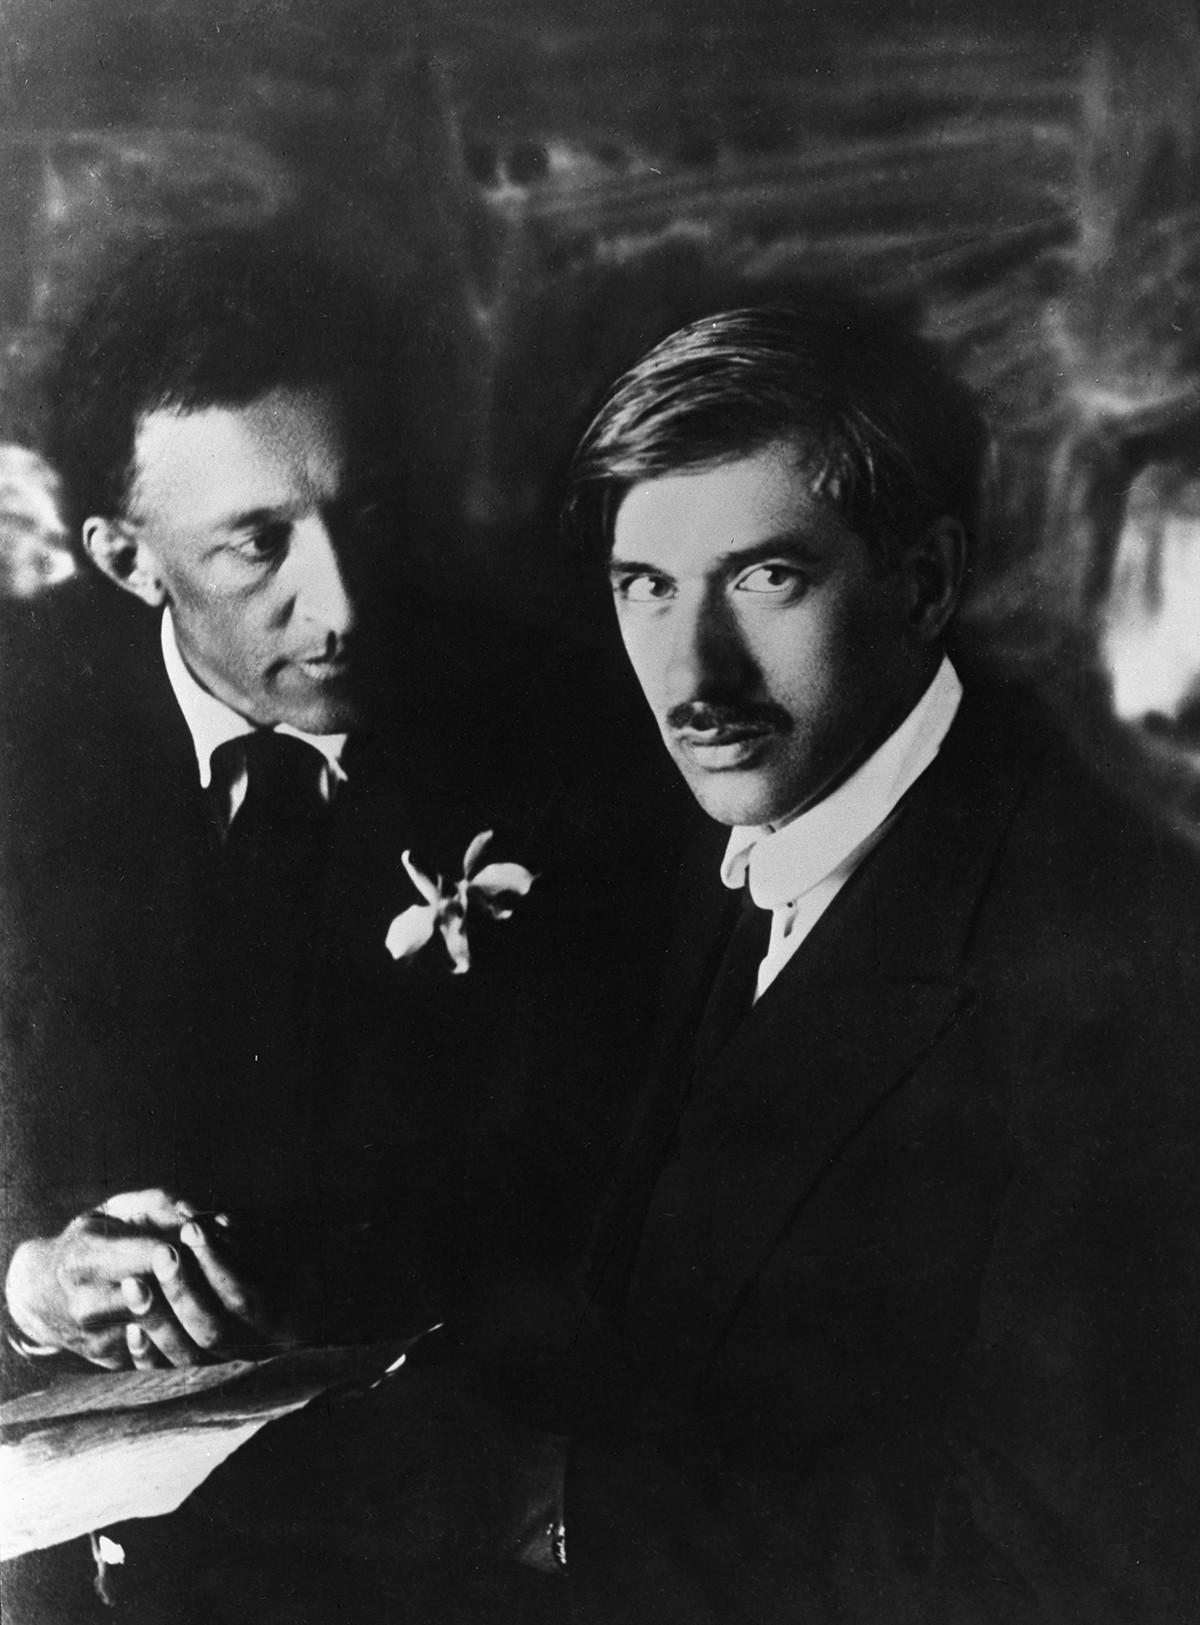 詩人アレクサンドル・ブローク(左)と作家コルネイ・チュコフスキー(右)